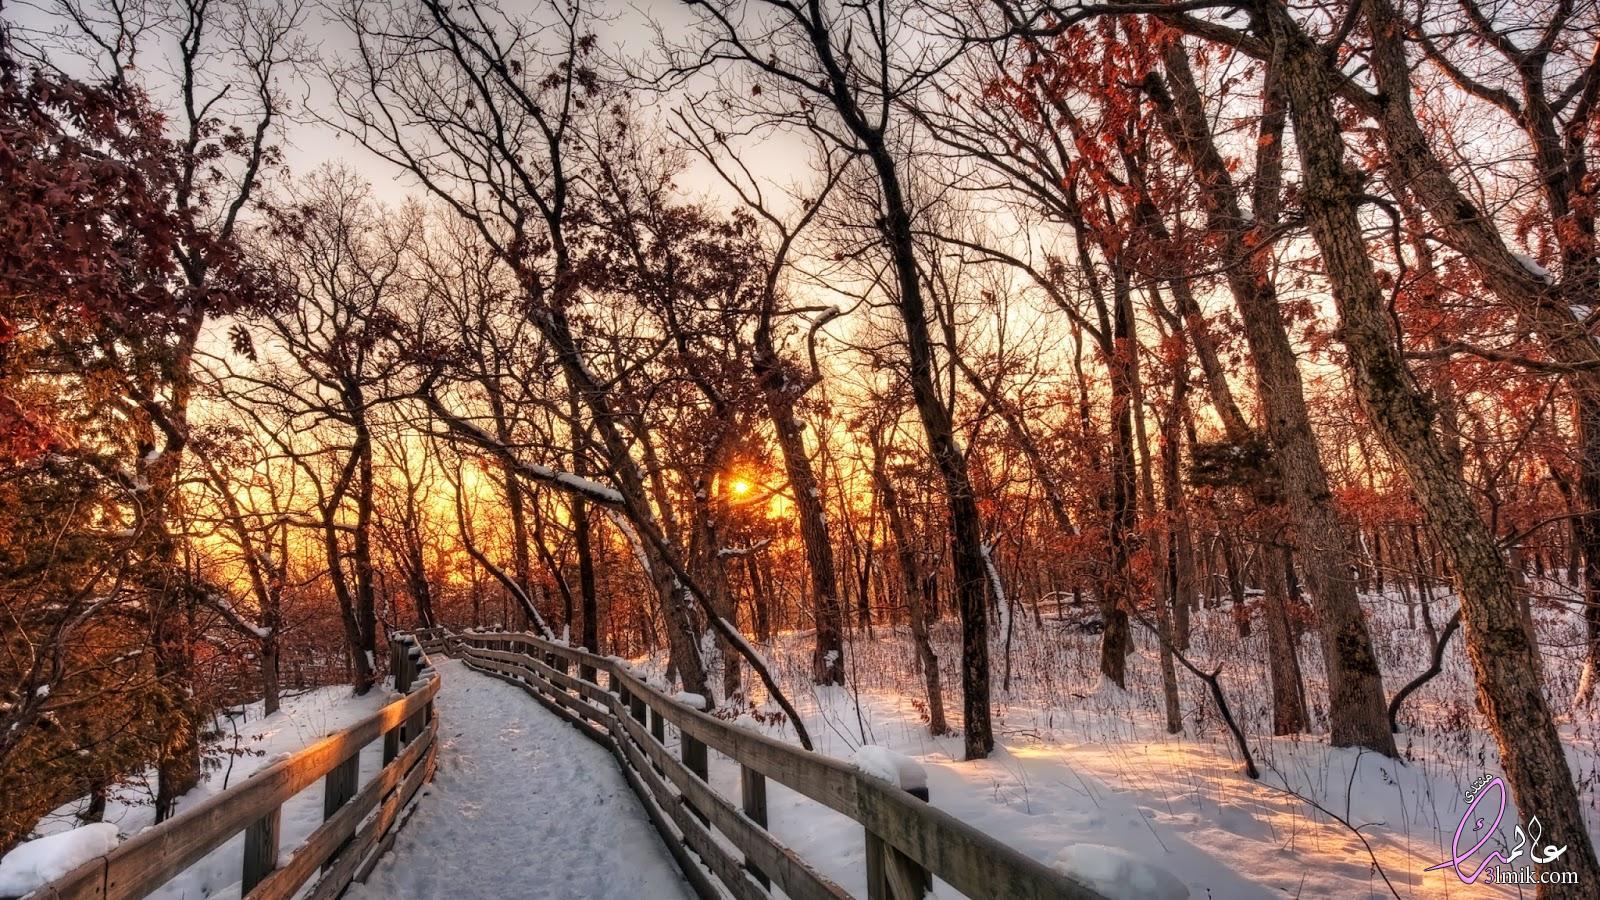 خلفيات فصل الشتاء،اجمل الصور المعبره عن الشتاء 2018،صور مناظر طبيعية للشتاء 2018 جميلة